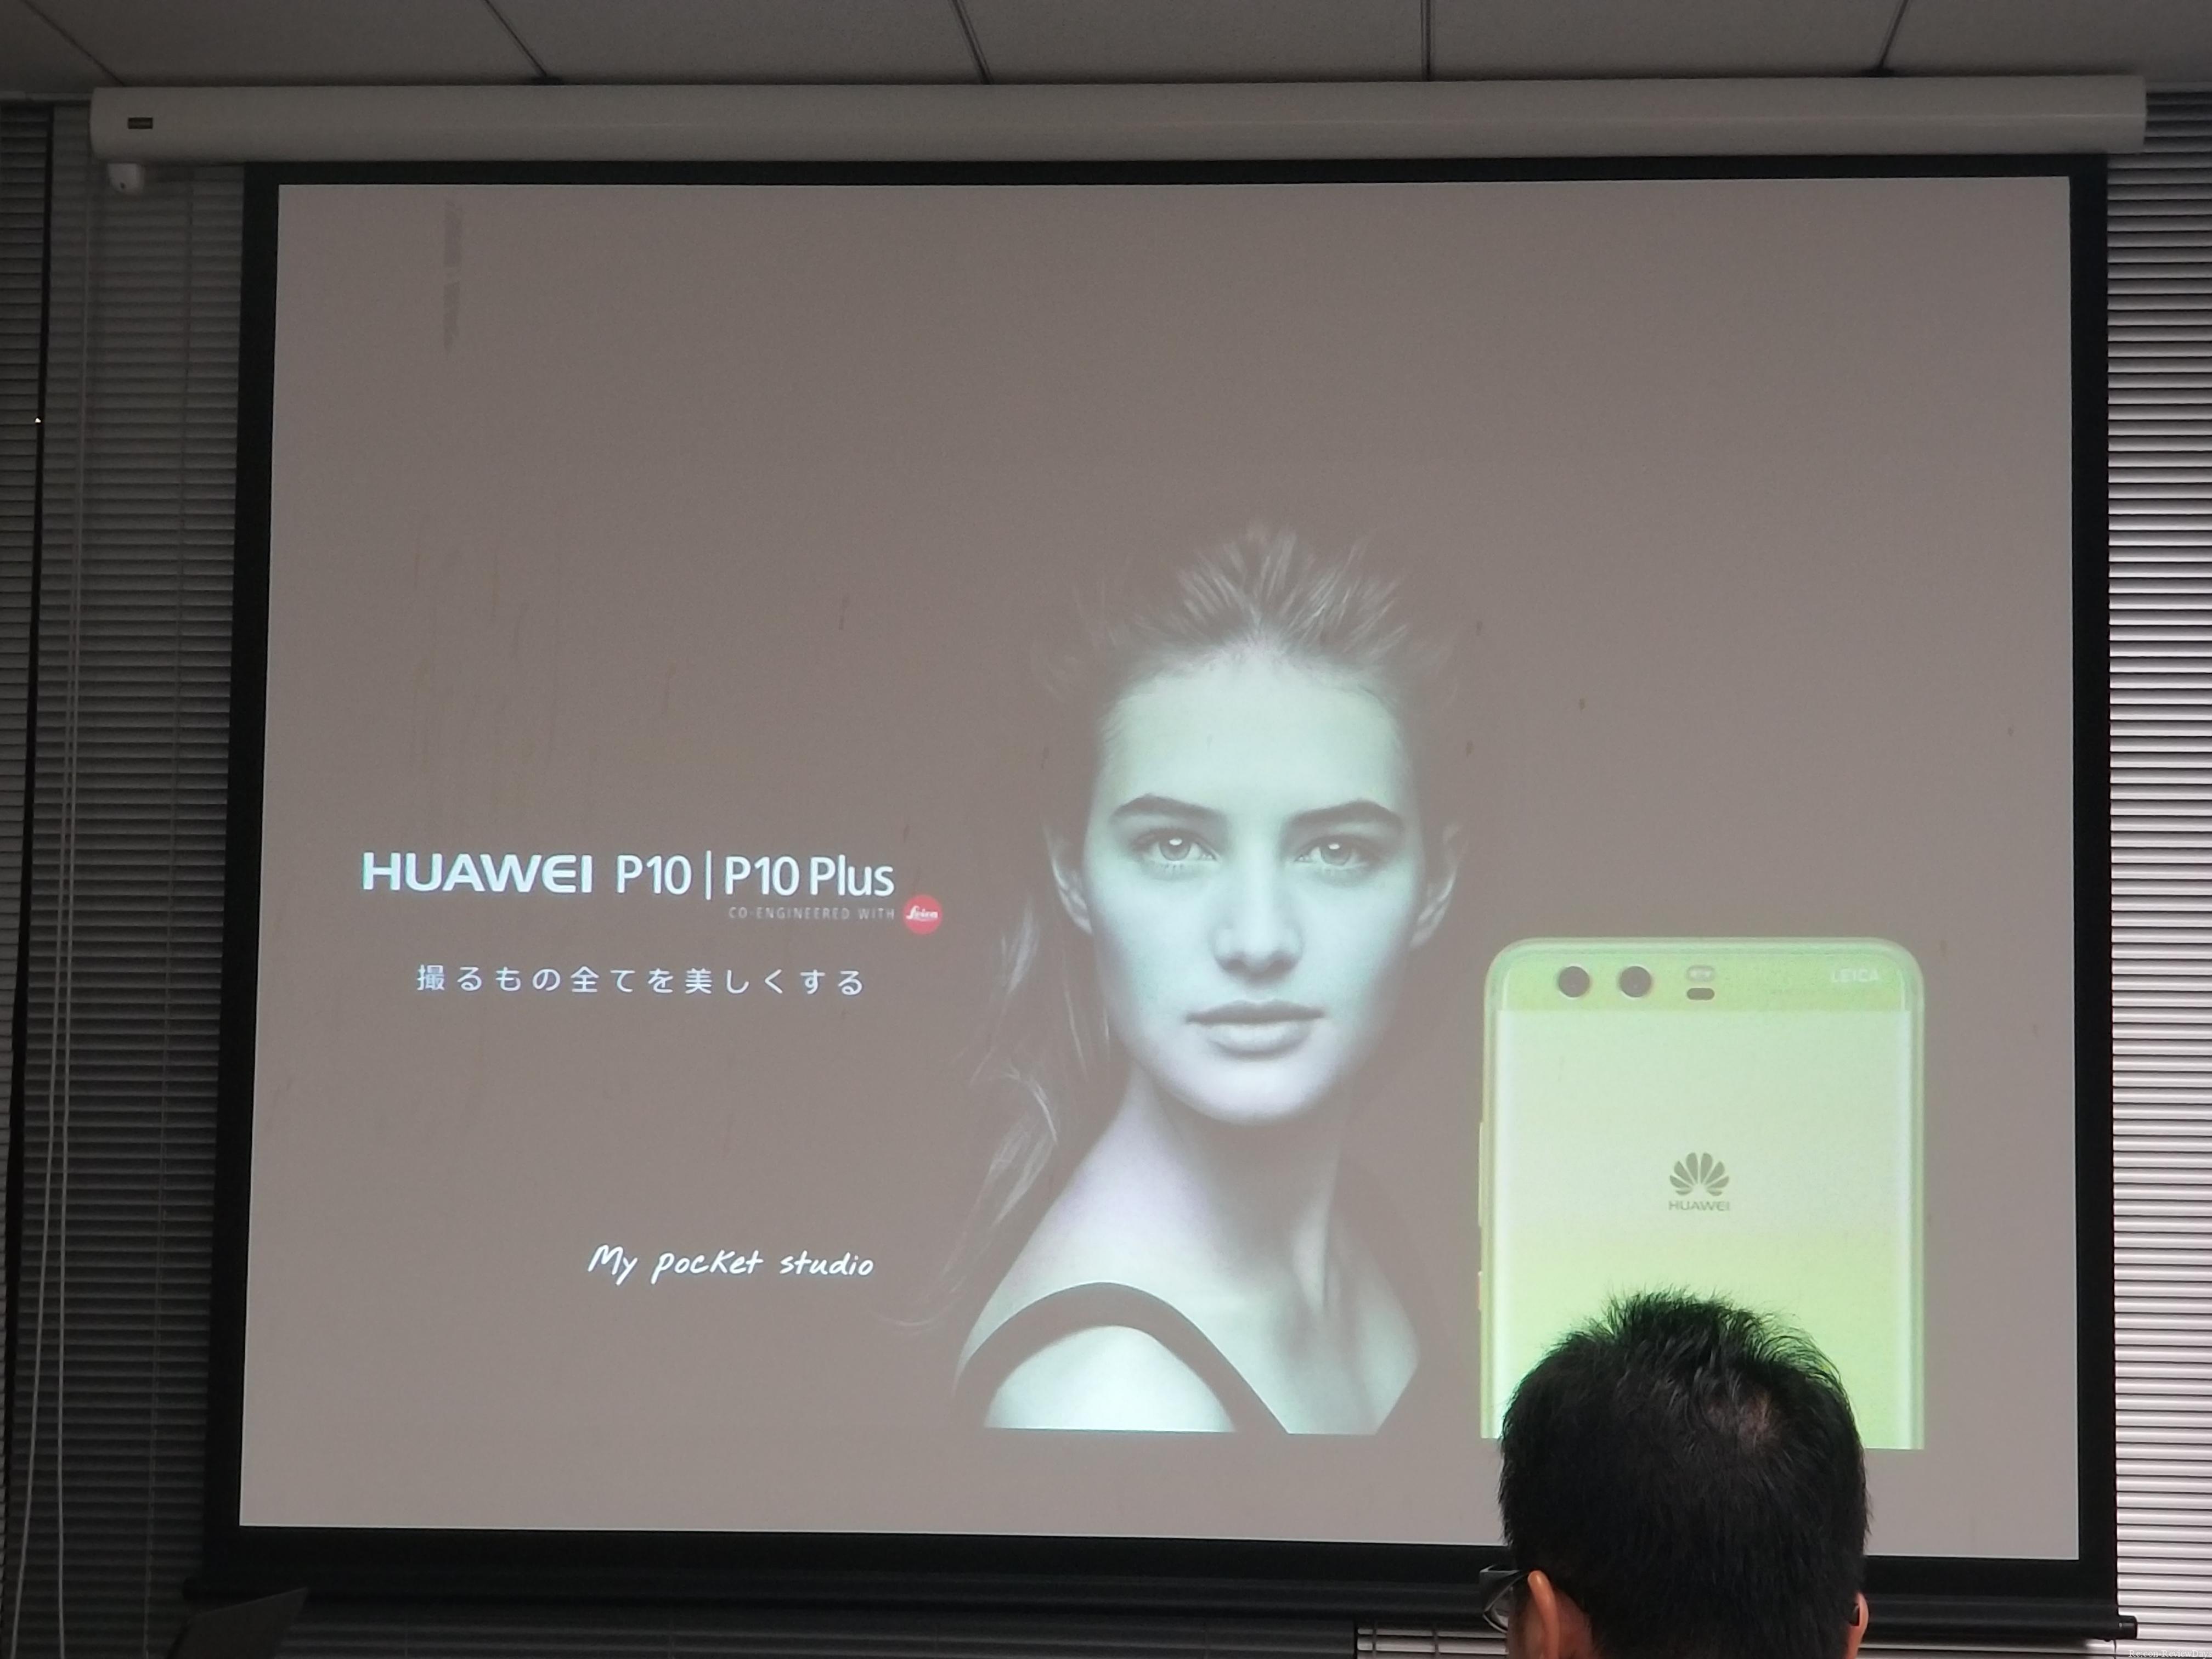 Huawei P10 Plus タッチアンドトライイベントに参加してきました #Huawei #P10Plus #Huaweiタッチアンドトライ